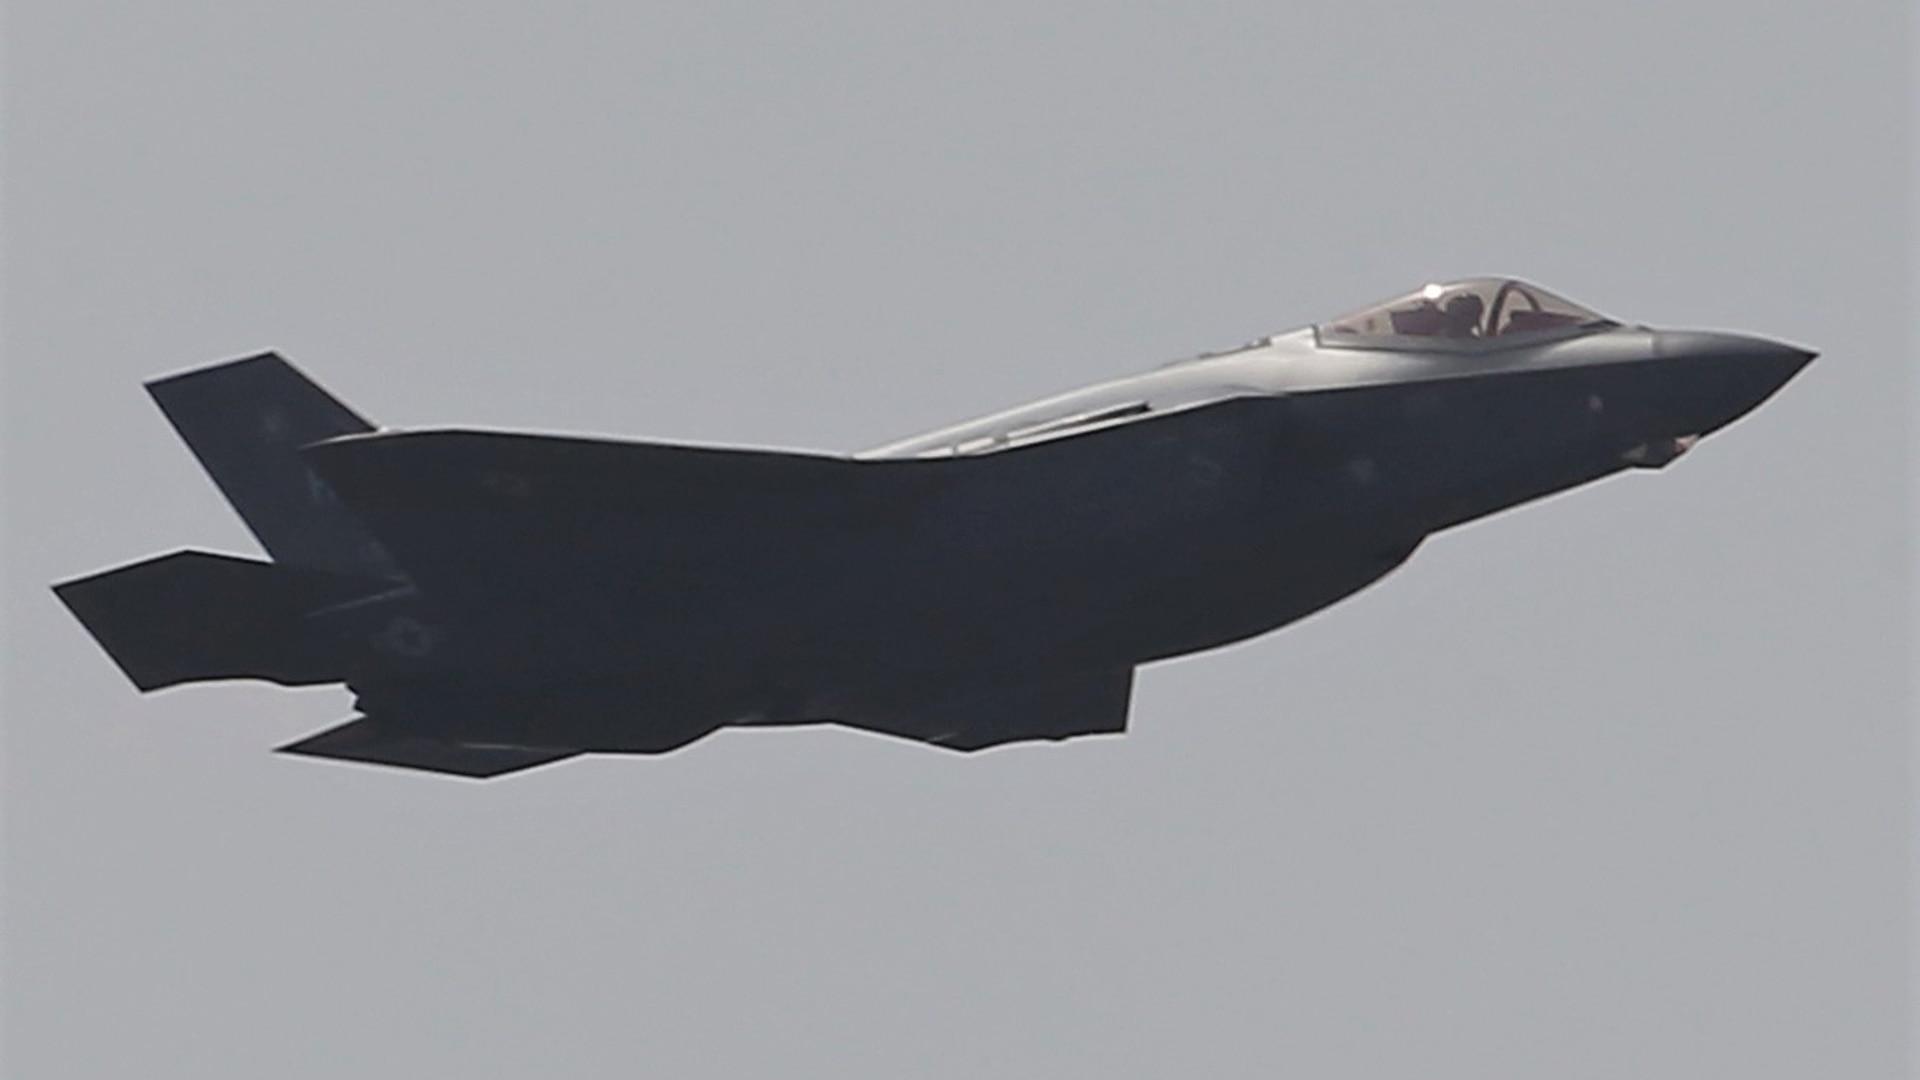 Avions de combat: le F-35, une option risquée pour la Suisse?